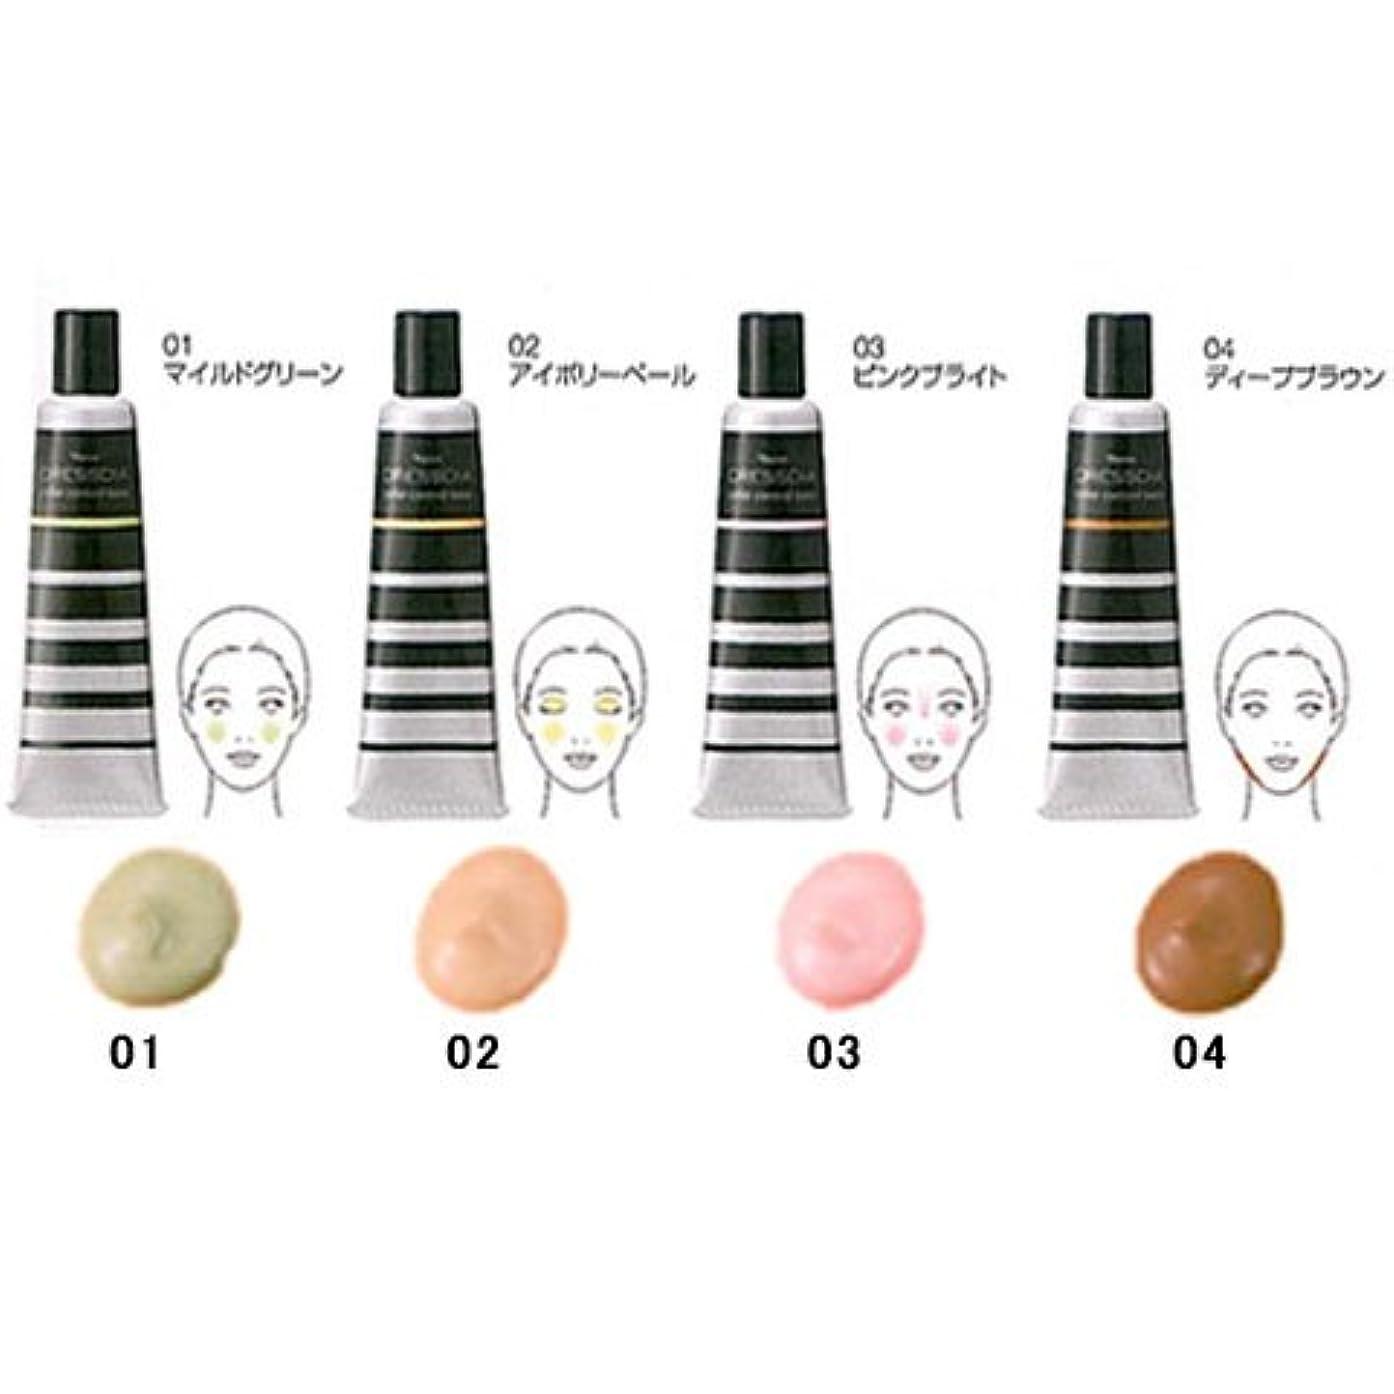 下位チューインガム相対サイズナリス化粧品 ドレスディア カラーコントロールベース部分用 化粧下地 20g 02 アイボリーベール